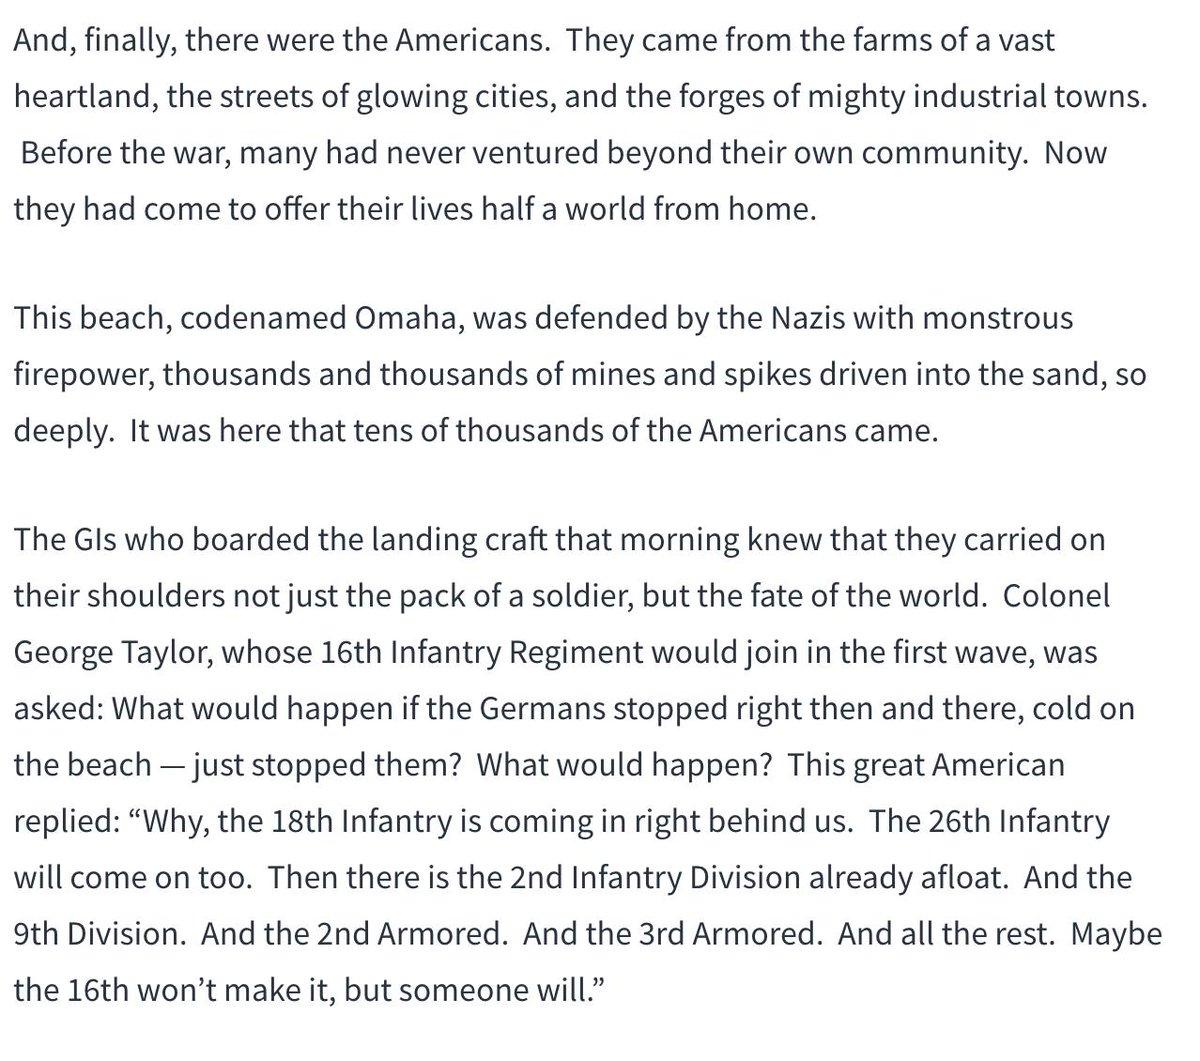 Die van Trump dit jaar was overigens ook niet slecht. Maar weinig van meegekregen eigenlijk. #DDay https://www.whitehouse.gov/briefings-statements/remarks-president-trump-75th-commemoration-d-day/…